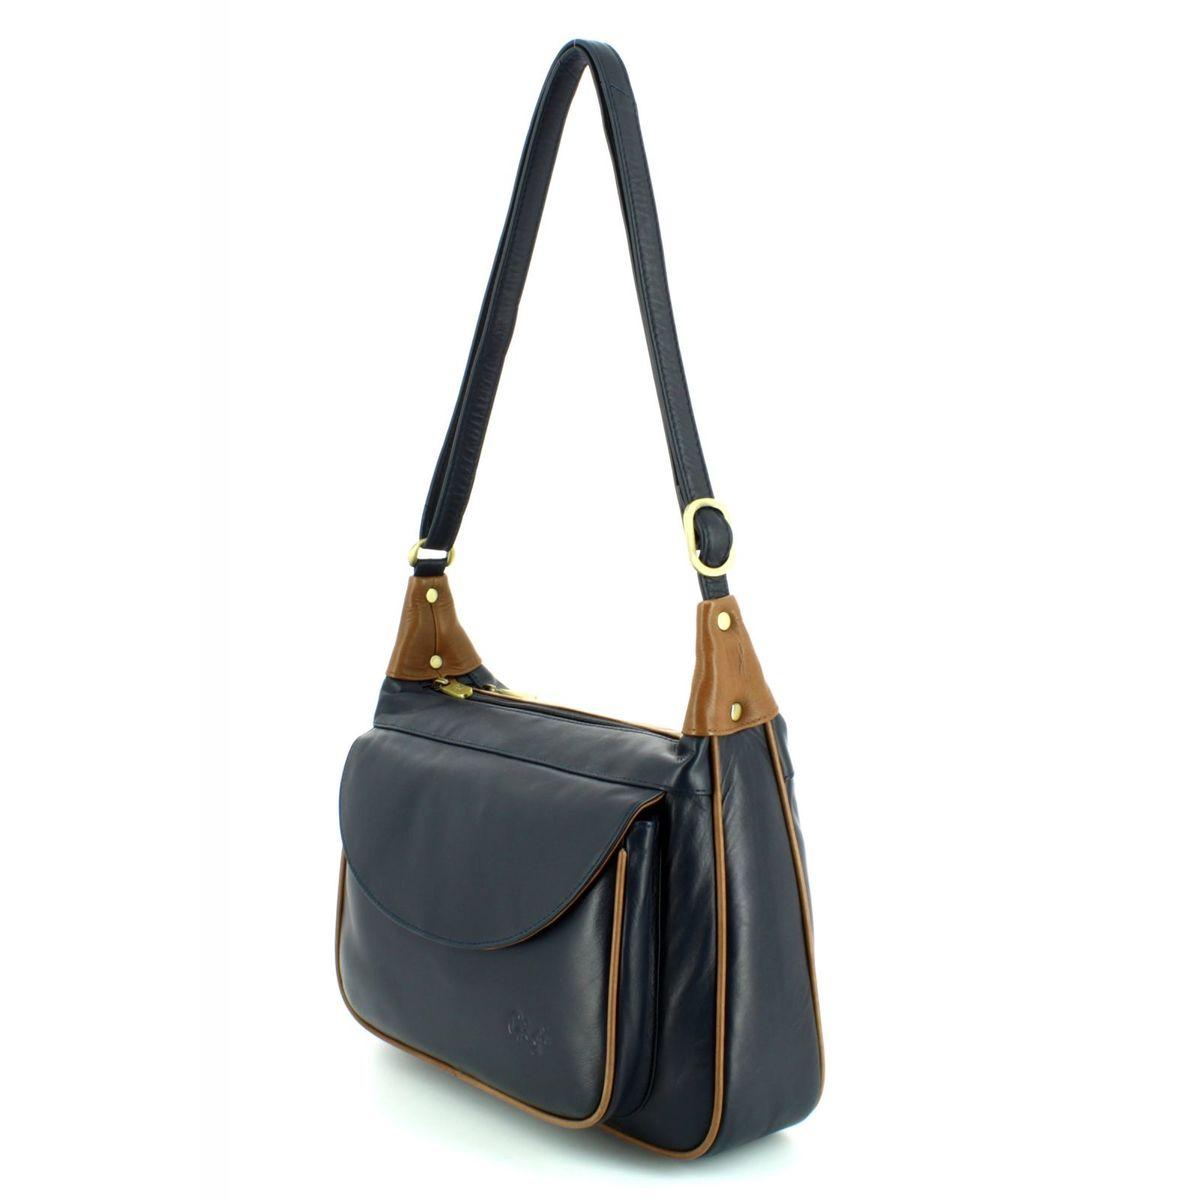 Gigi Bags Othtt22 17 2217-71 Navy tan handbag 521c2c050256b